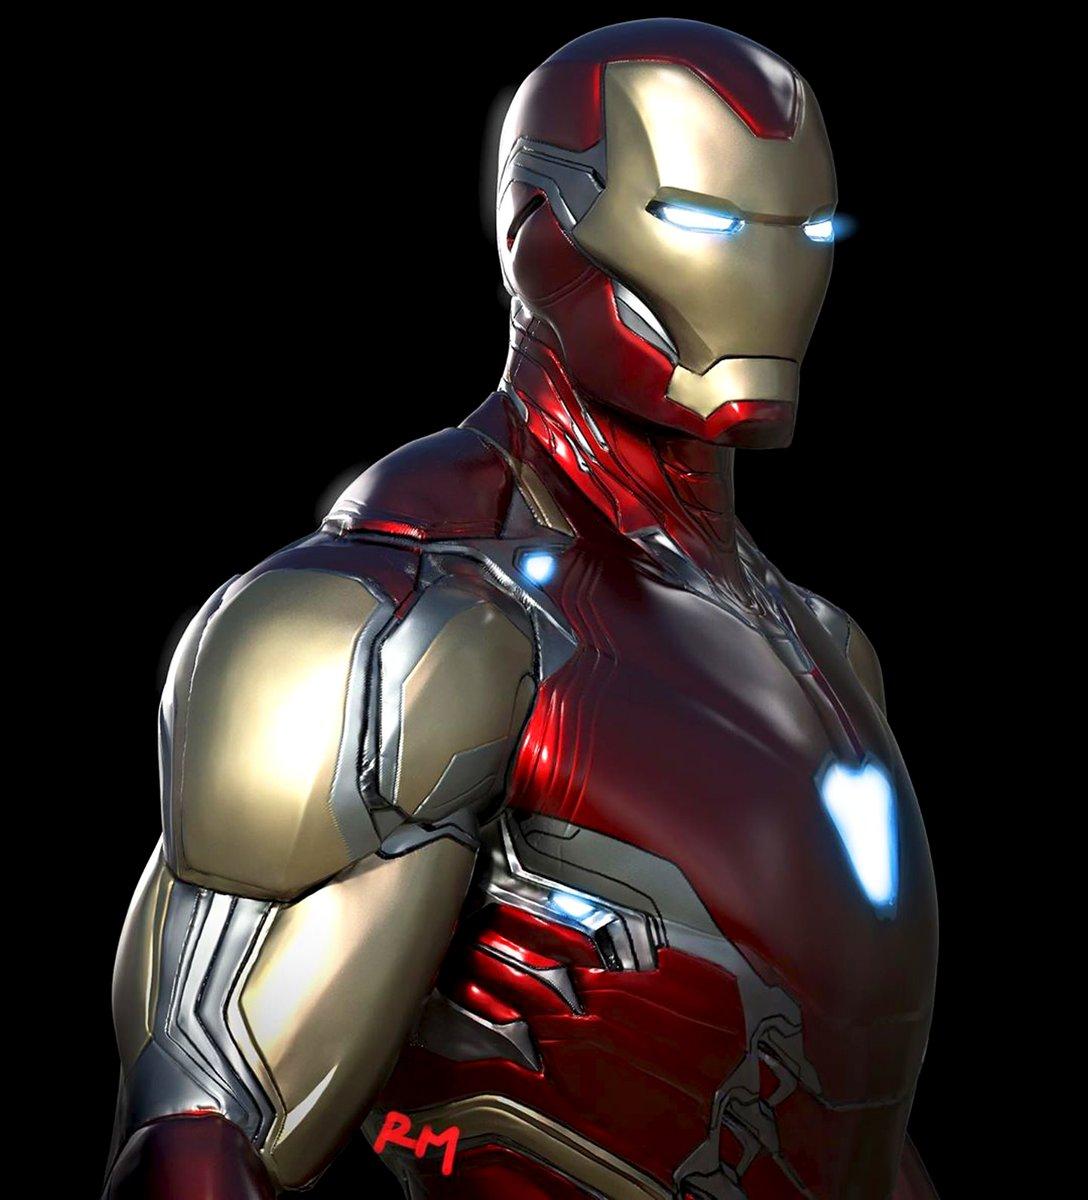 Official concept art of the final design for Iron Mans Mark 85 suit from #AvengersEndgame: (via @MeinerdingArt)